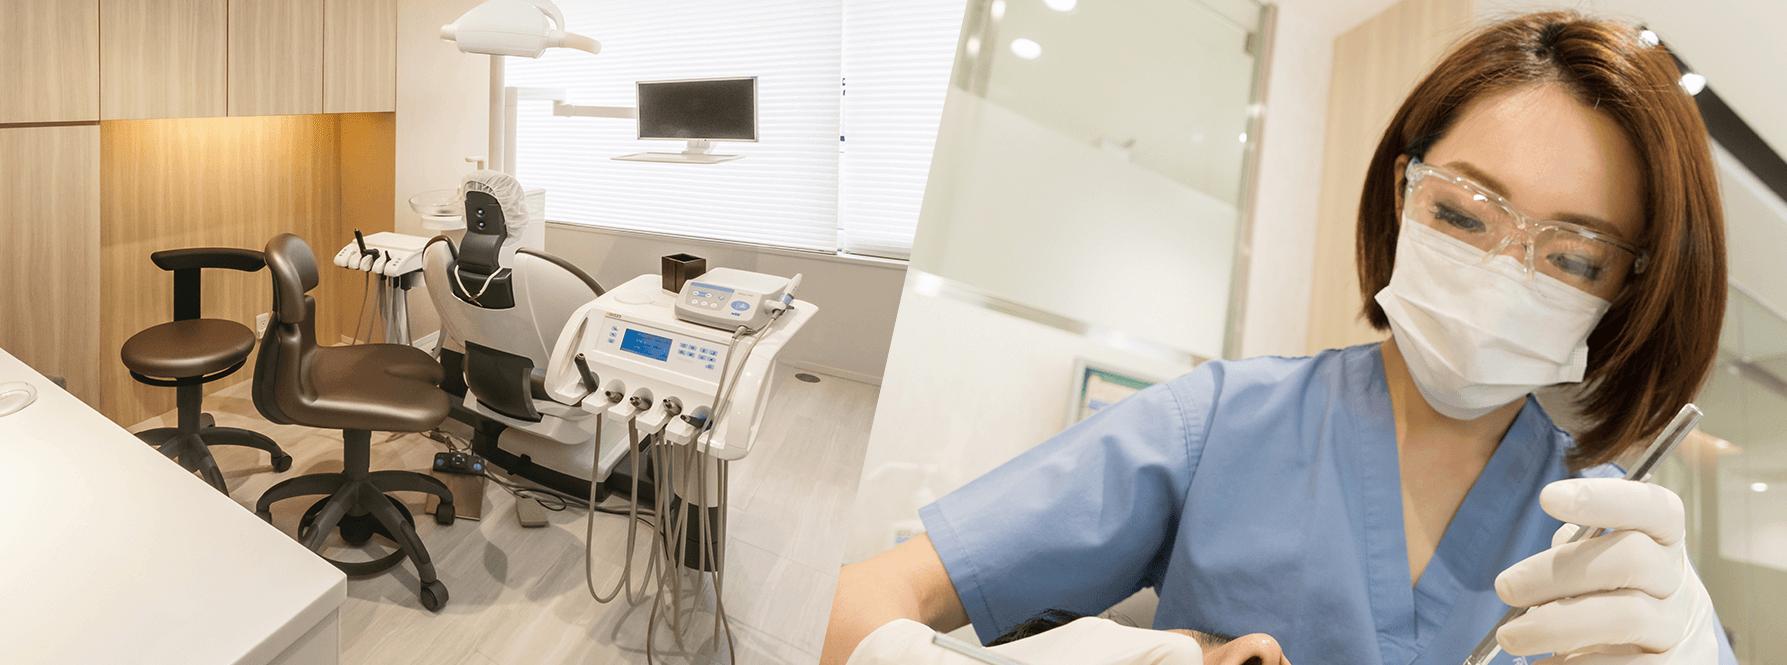 3Dデジタル技術を駆使することにとって、患者様の負担を減らしより安全な治療を行います。